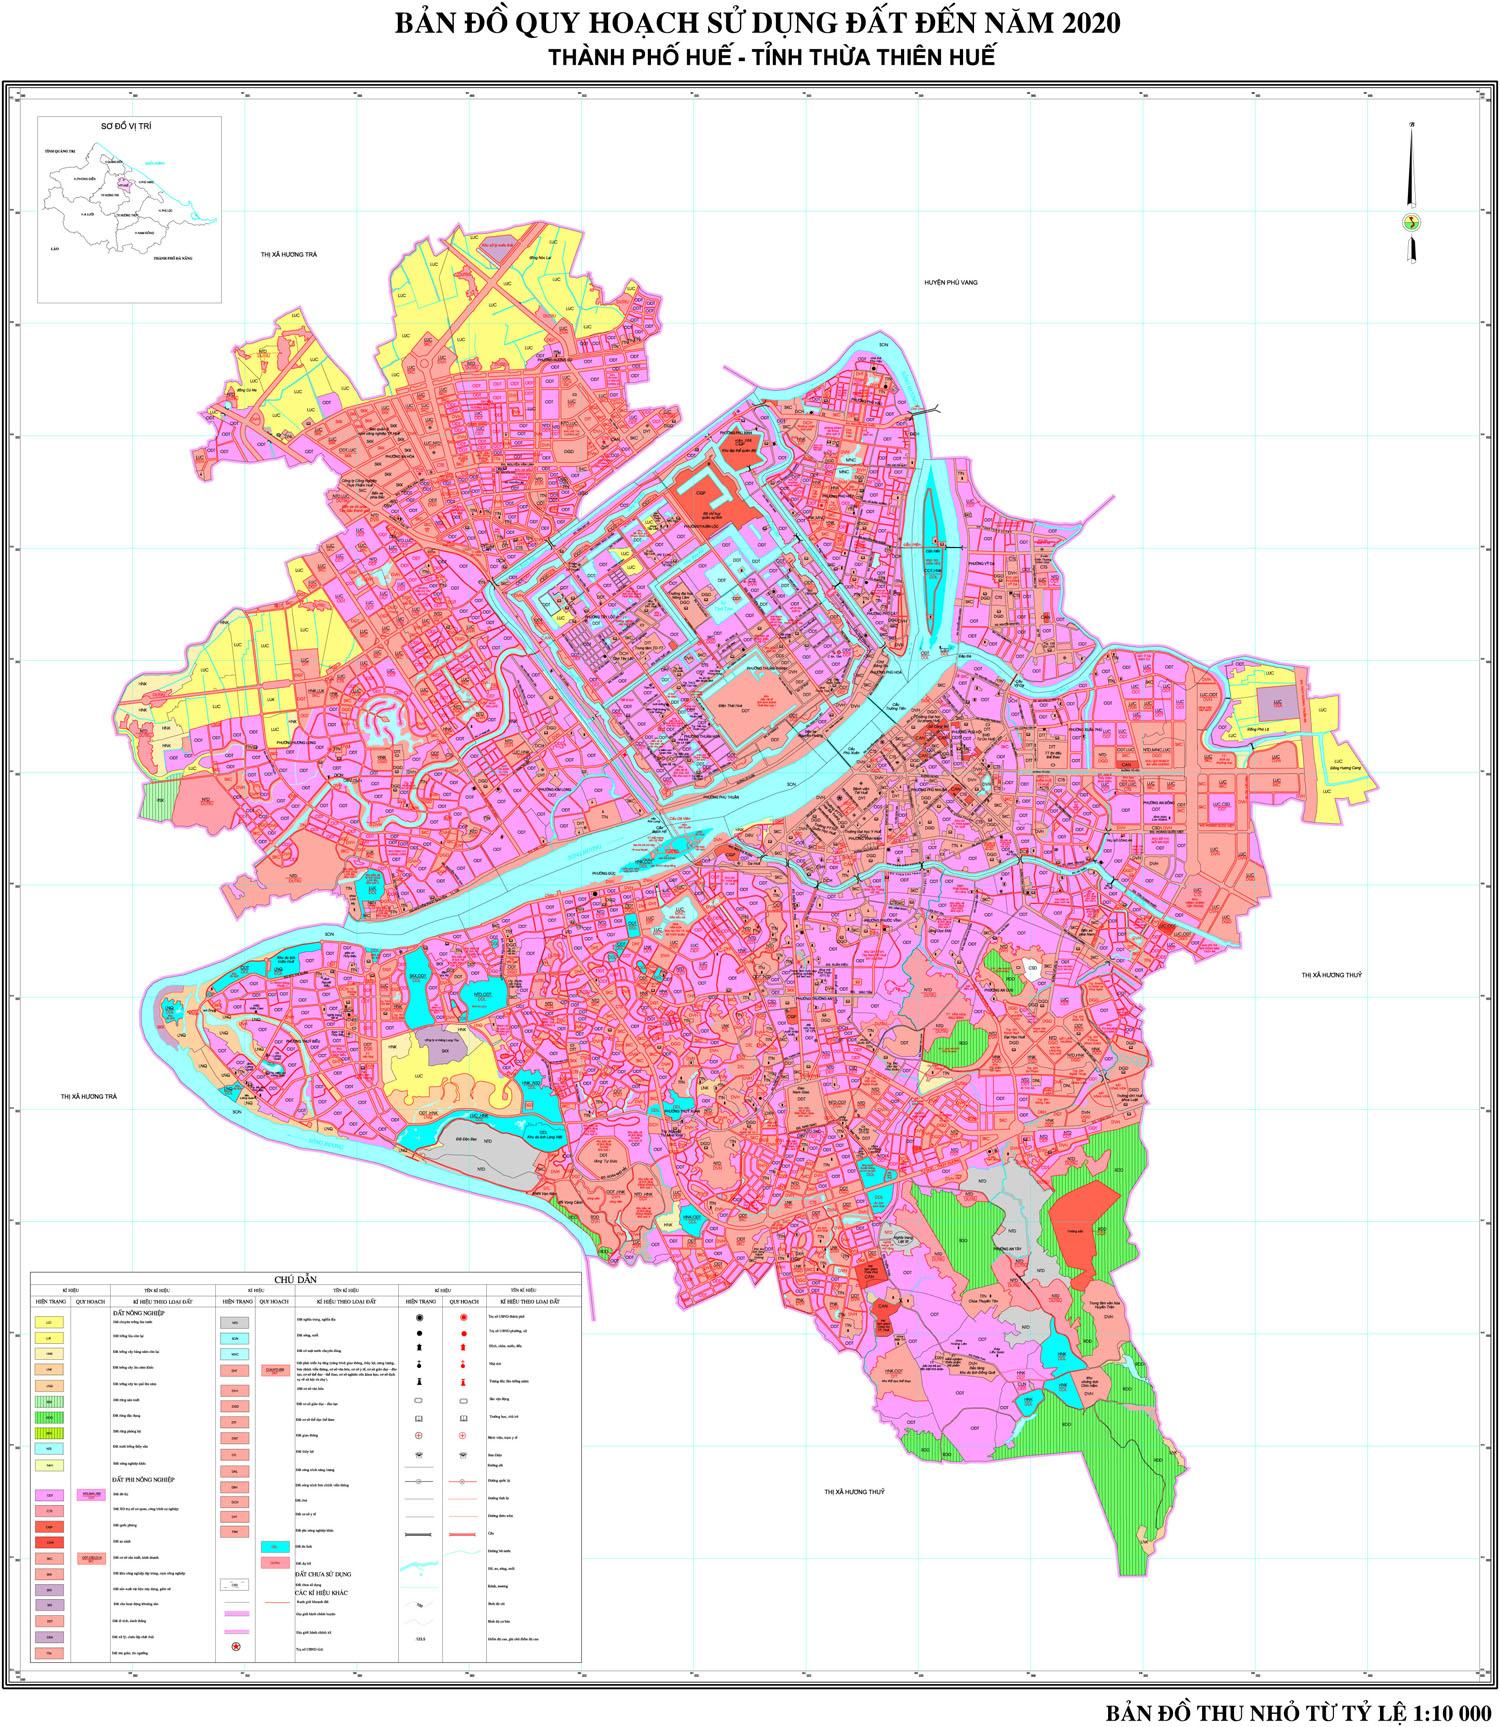 Bảng giá nhà đất Thừa Thiên Huế từ năm 2015 đến 2020